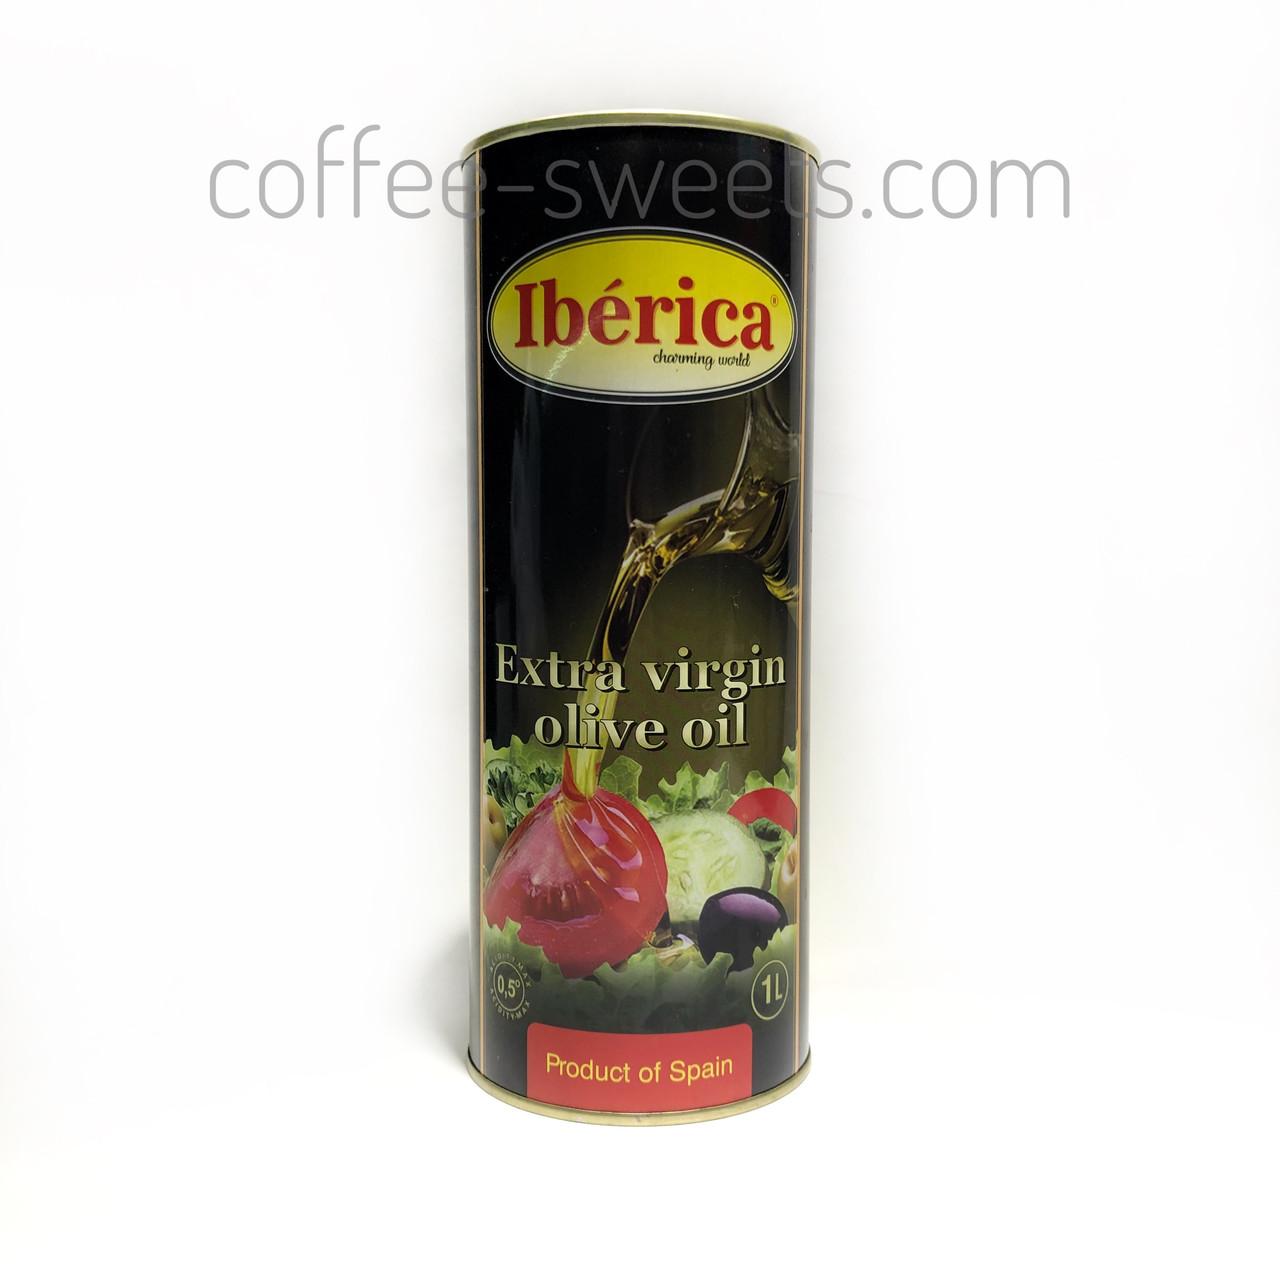 Оливоквое масло Iberica extra virgin olive oil 1L